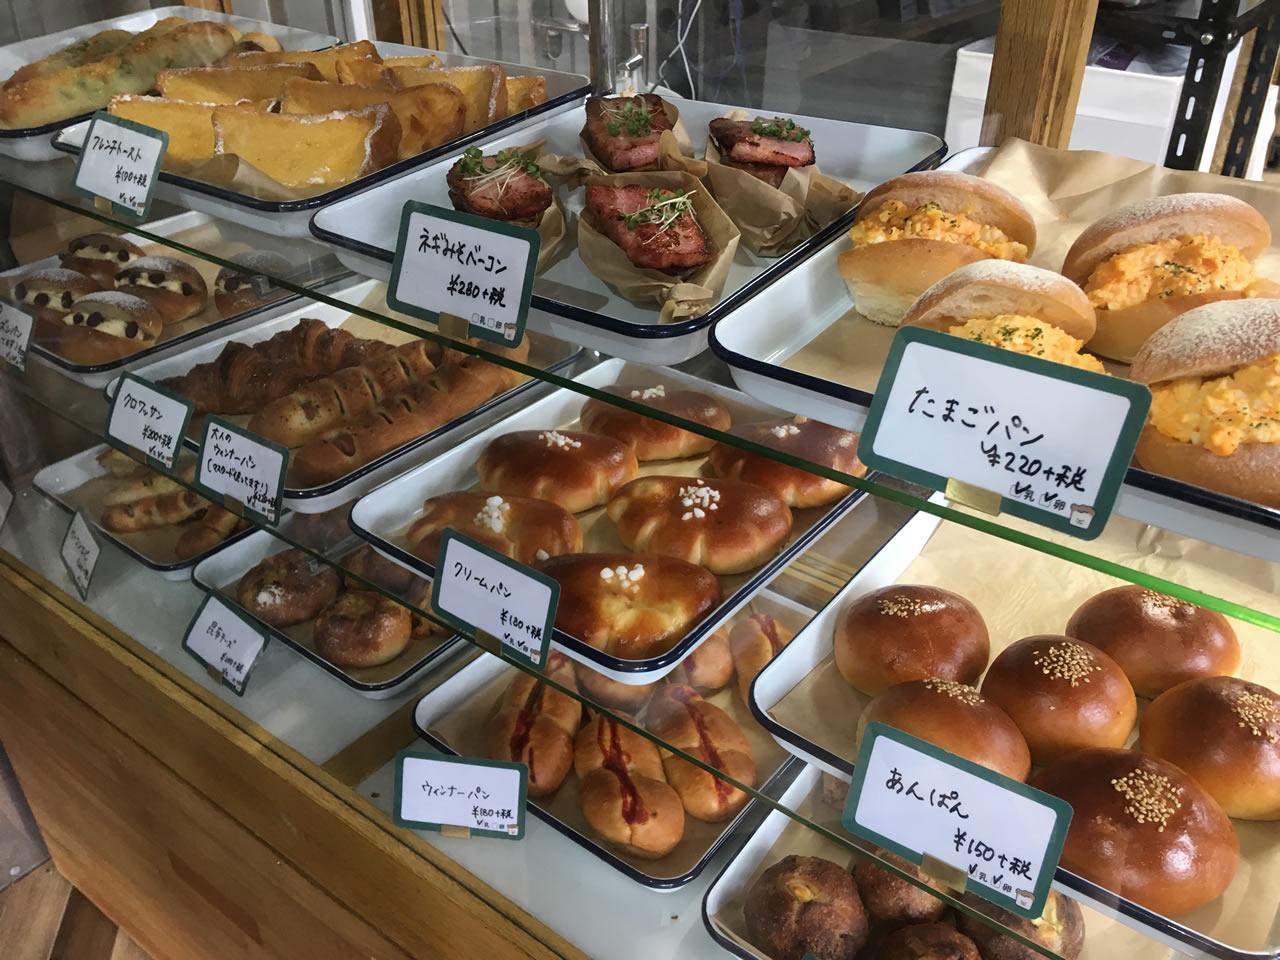 ヤマネベーカリーのパン